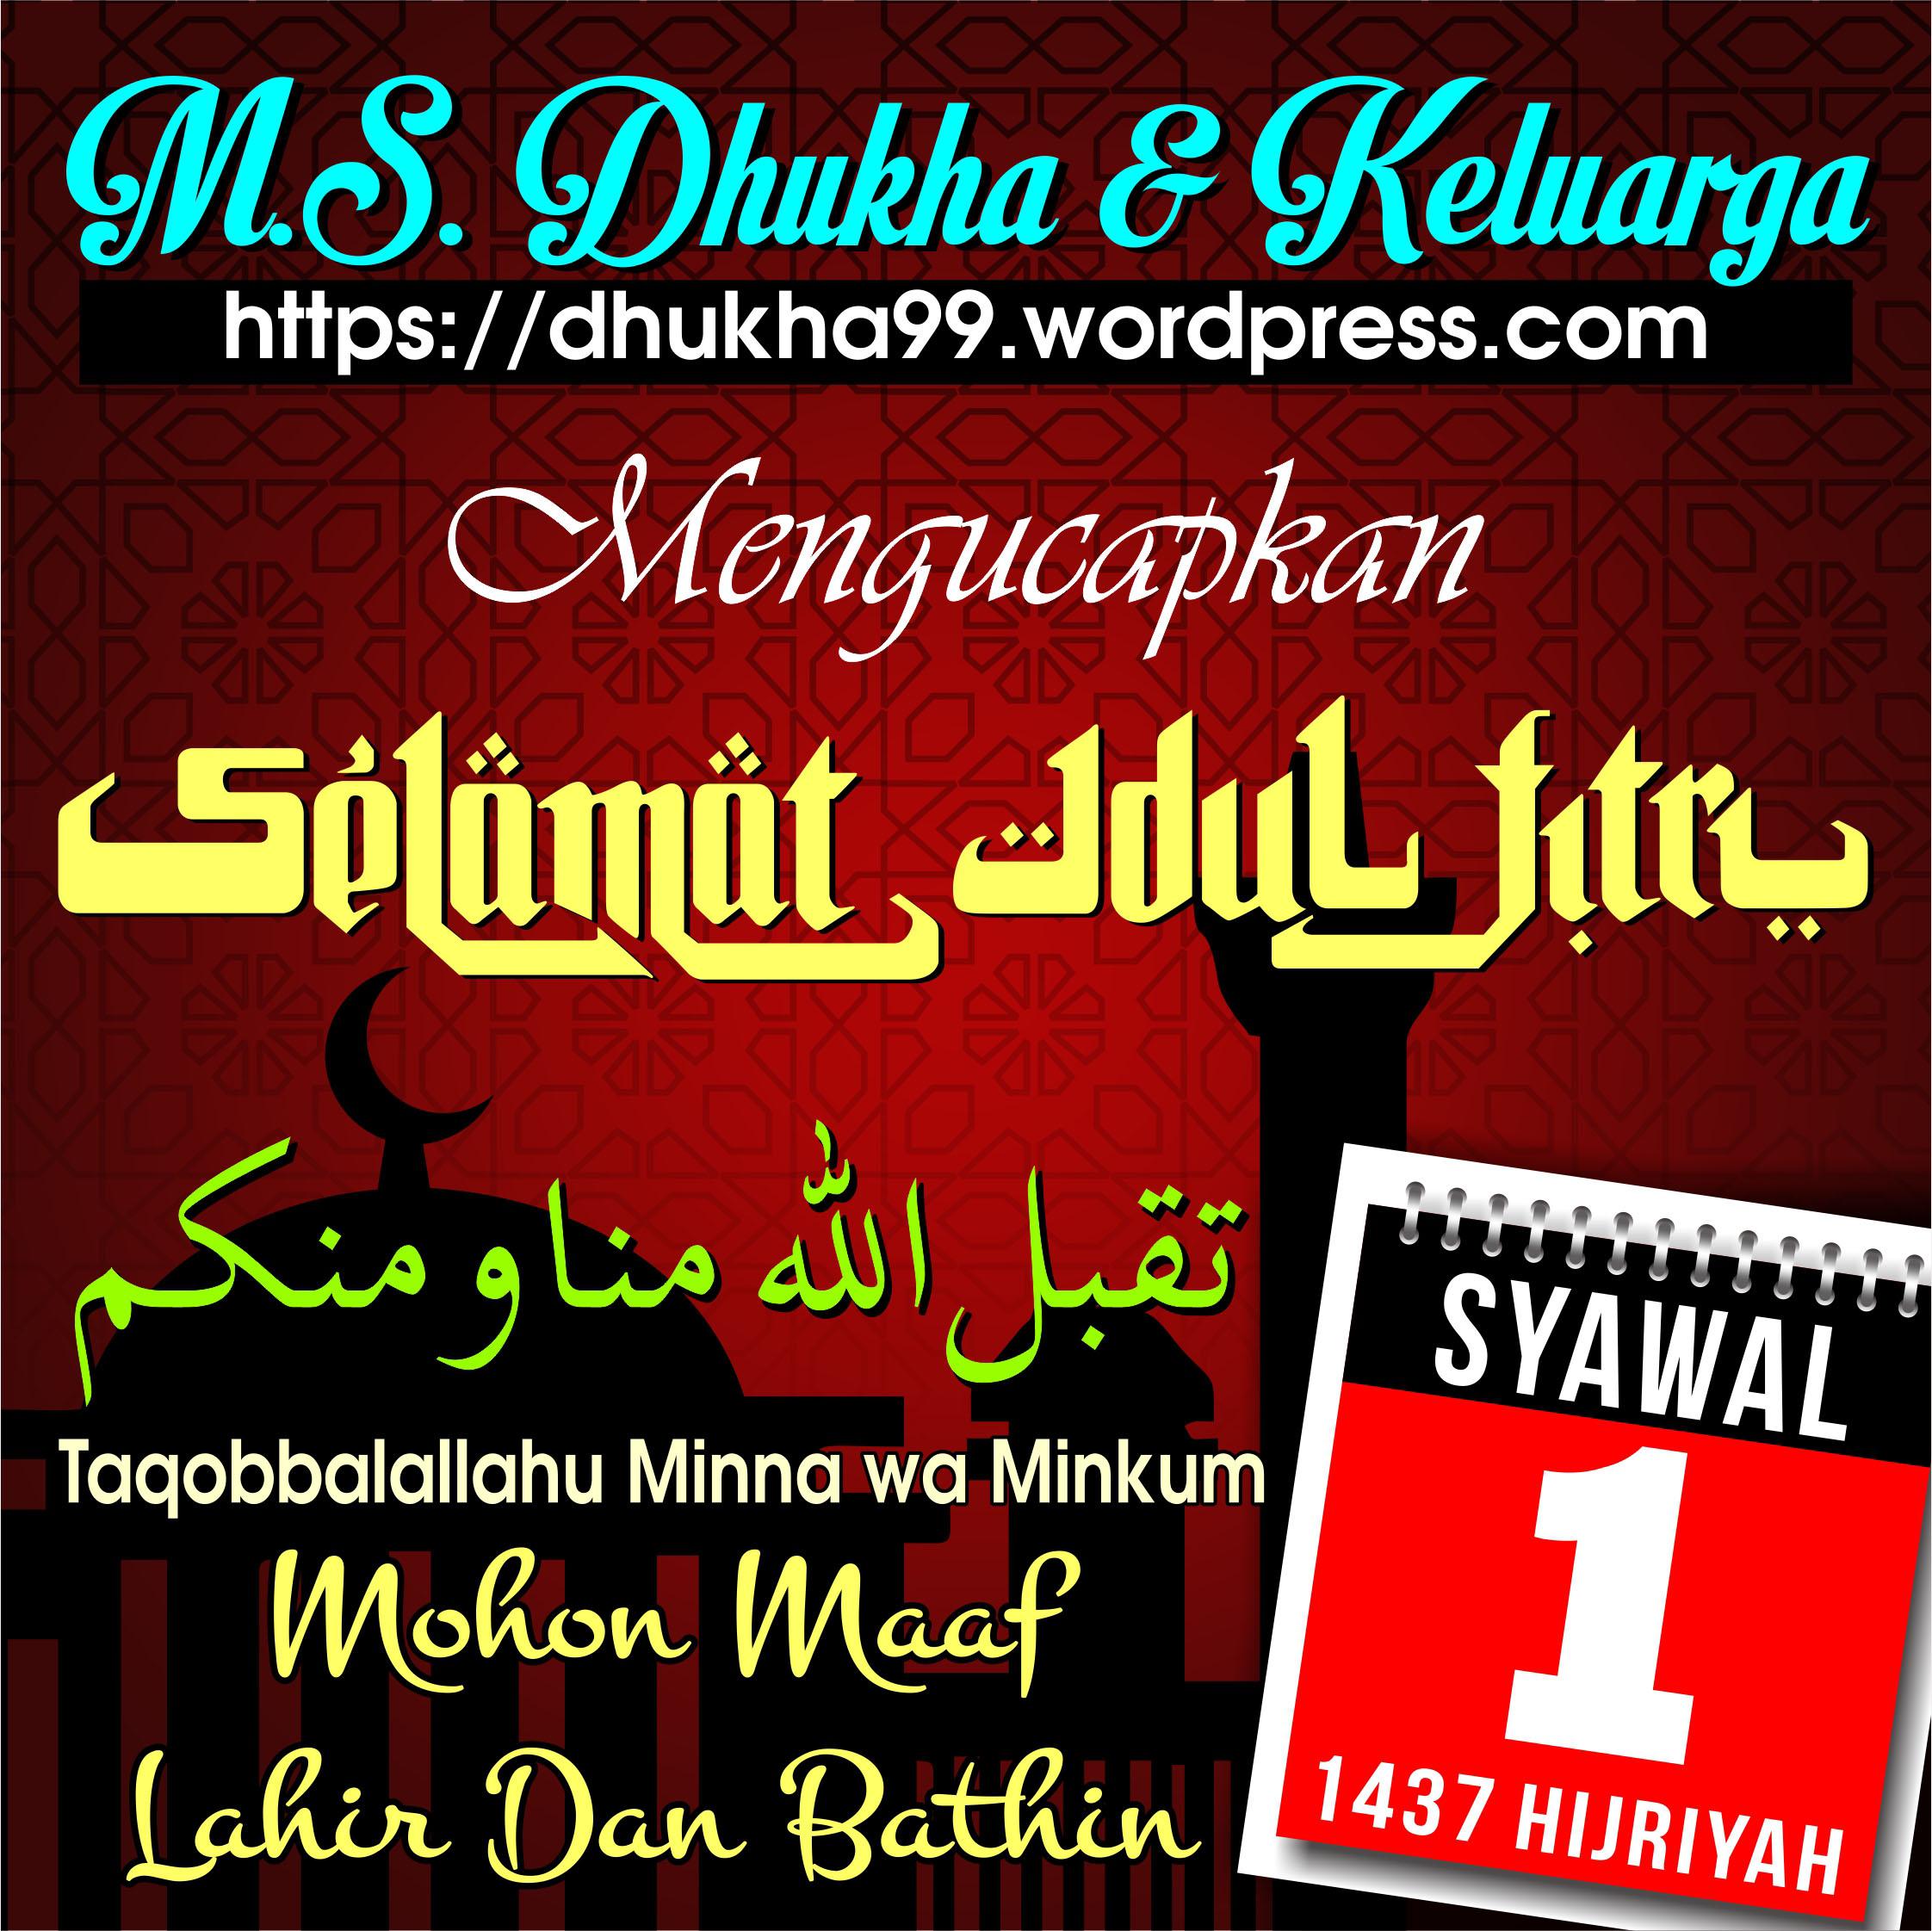 Selamat Hari Raya Idul Fitri, 1 Syawal 1437 Hijriyah